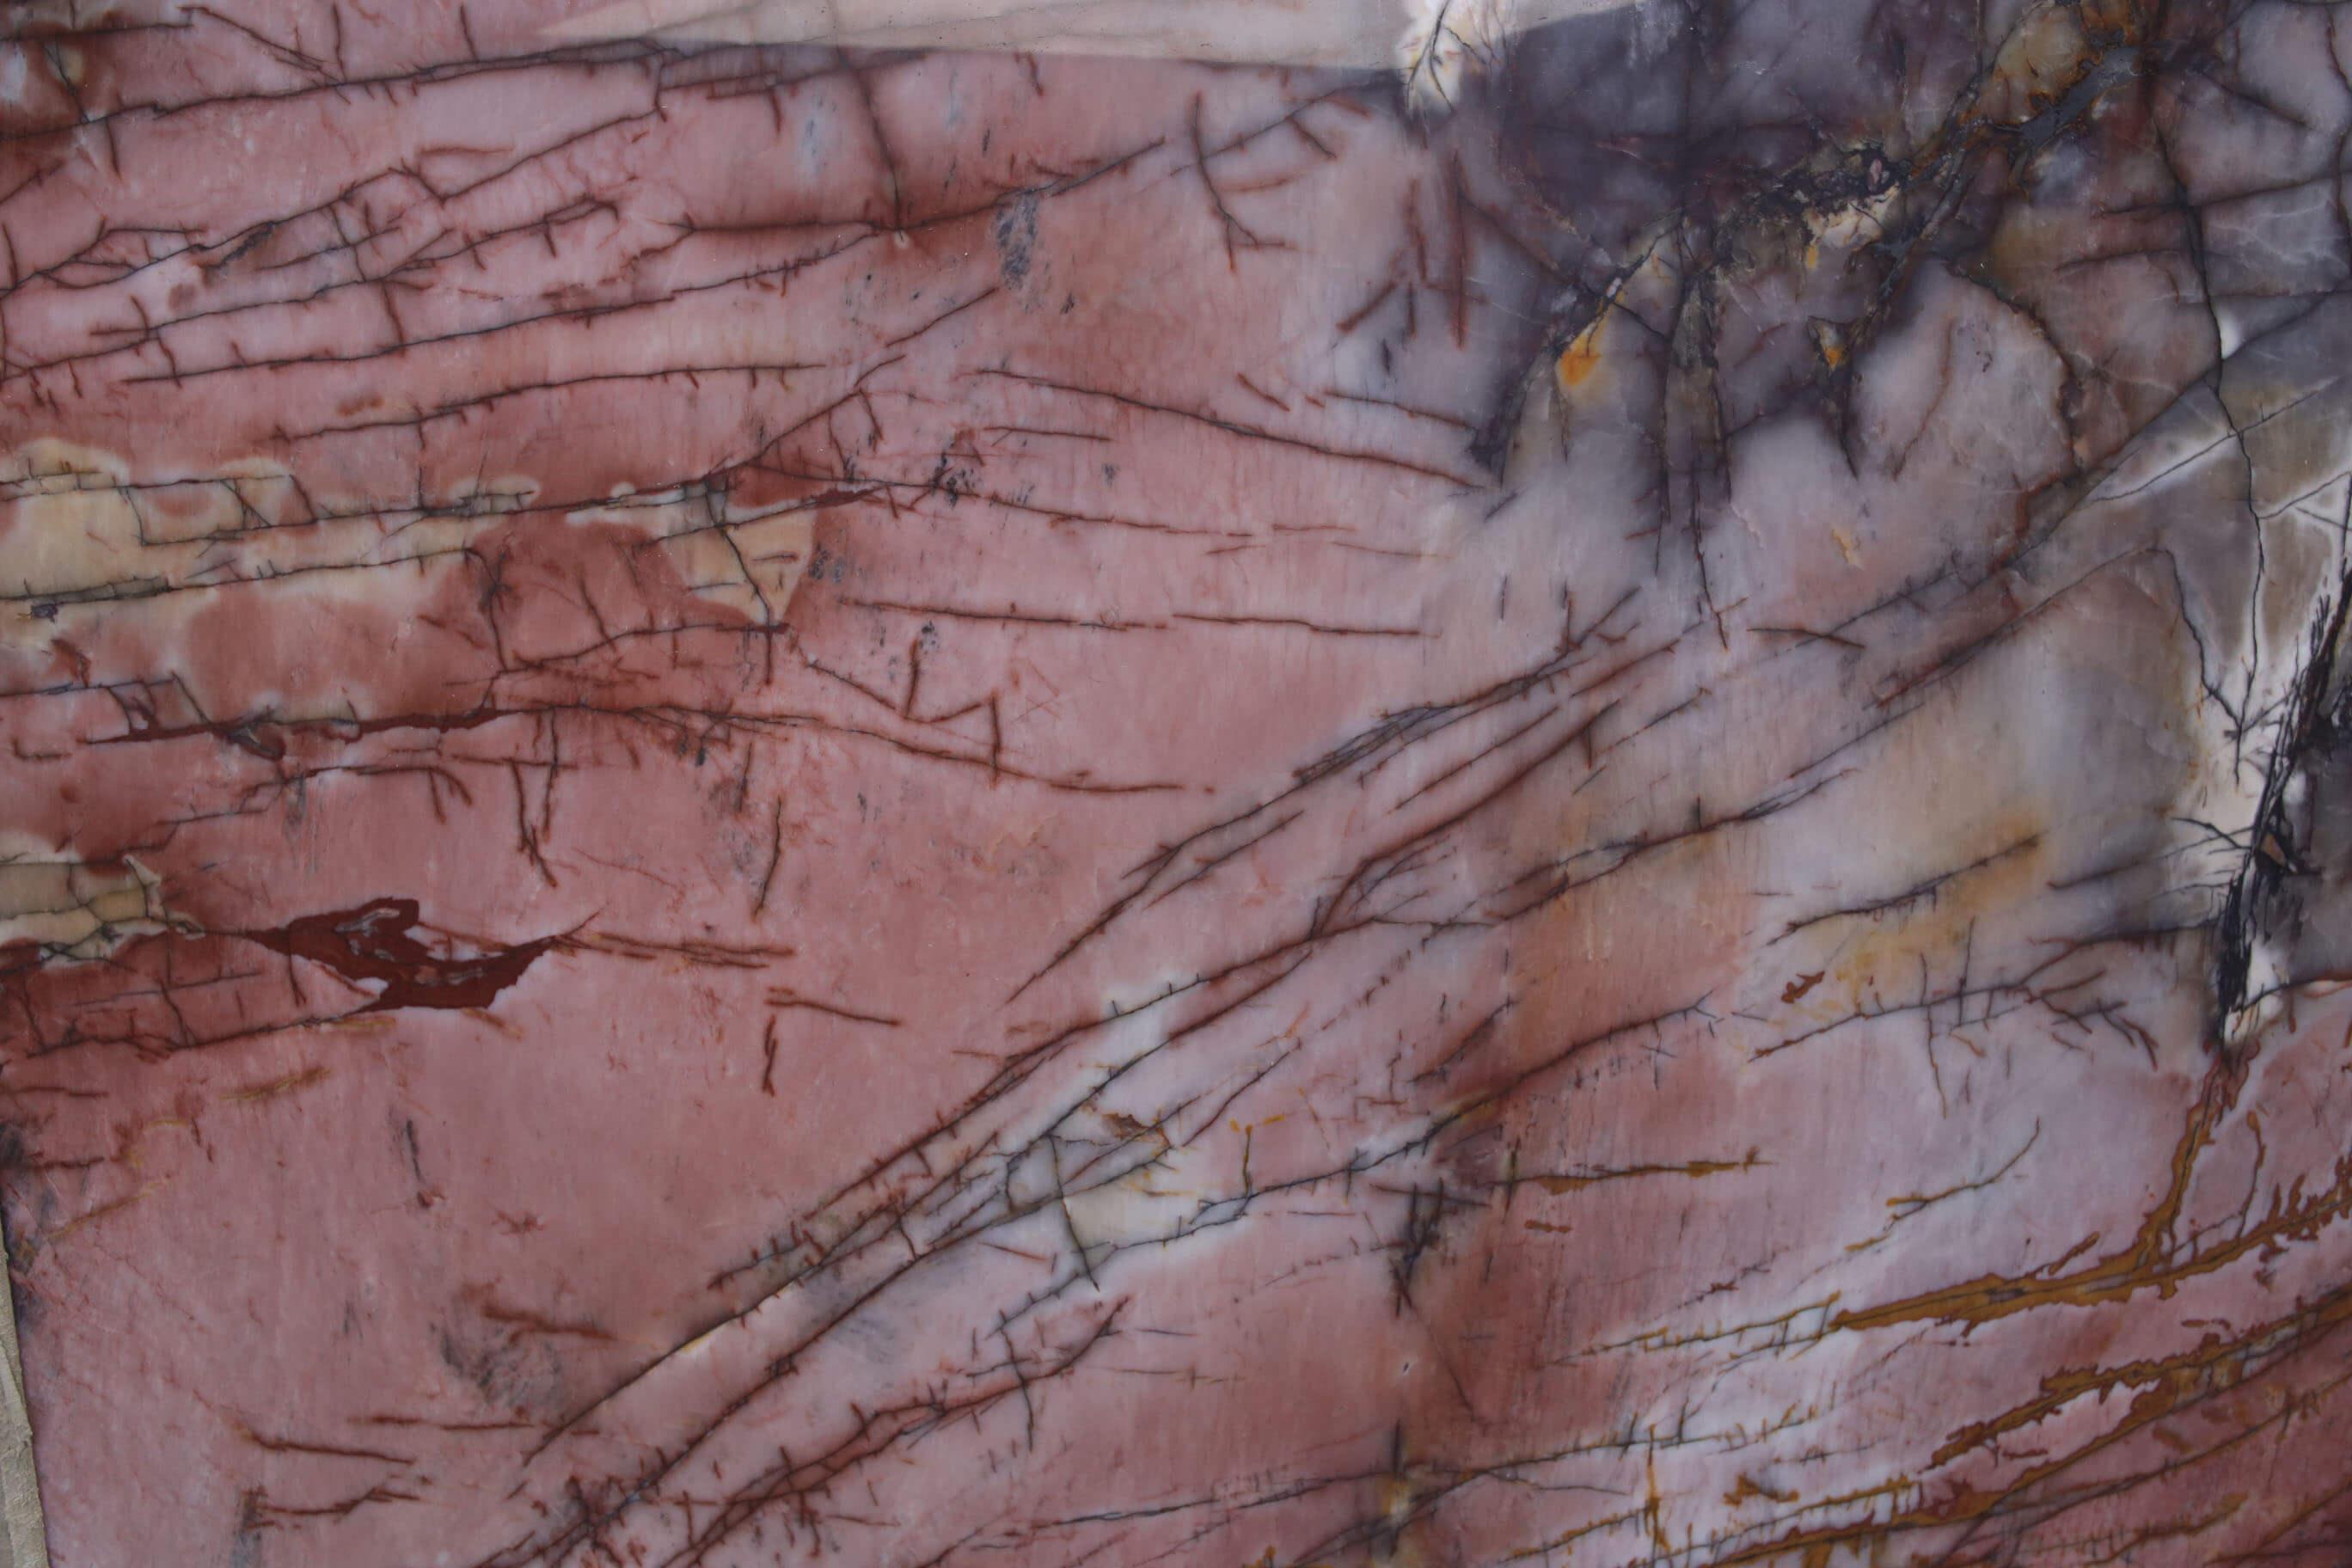 Antolini NAturstein Precioustone Kollektion: Das beeindruckende Format macht Räume zu exklusiven Sehnsuchtszielen Aufregende Effekte: Antolini Naturstein Precioustone Kollektion Feurig, leidenschaftlich und emotional: Antolini Naturstein Precioustone Kollektion Eine Hintergrundbeleuchtung lässt den gesamten Charme der Precioustone Kollektion ins Rampenlicht treten